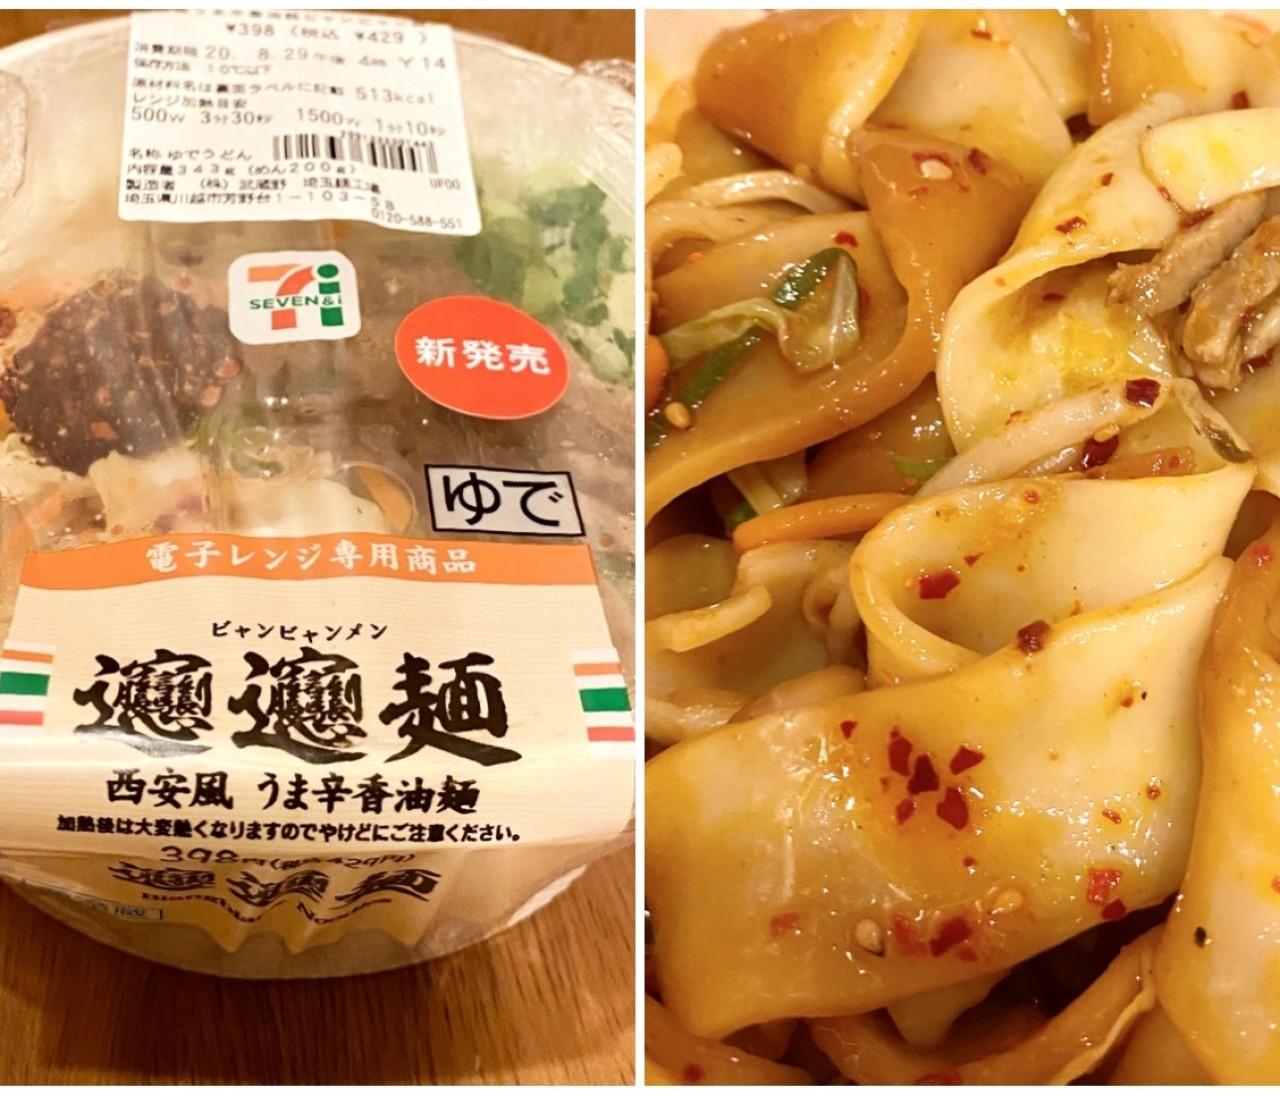 【セブン-イレブンの「ビャンビャン麺」が美味い!】読めない漢字名で話題!絶品コンビニ中華麺を実食レビュー